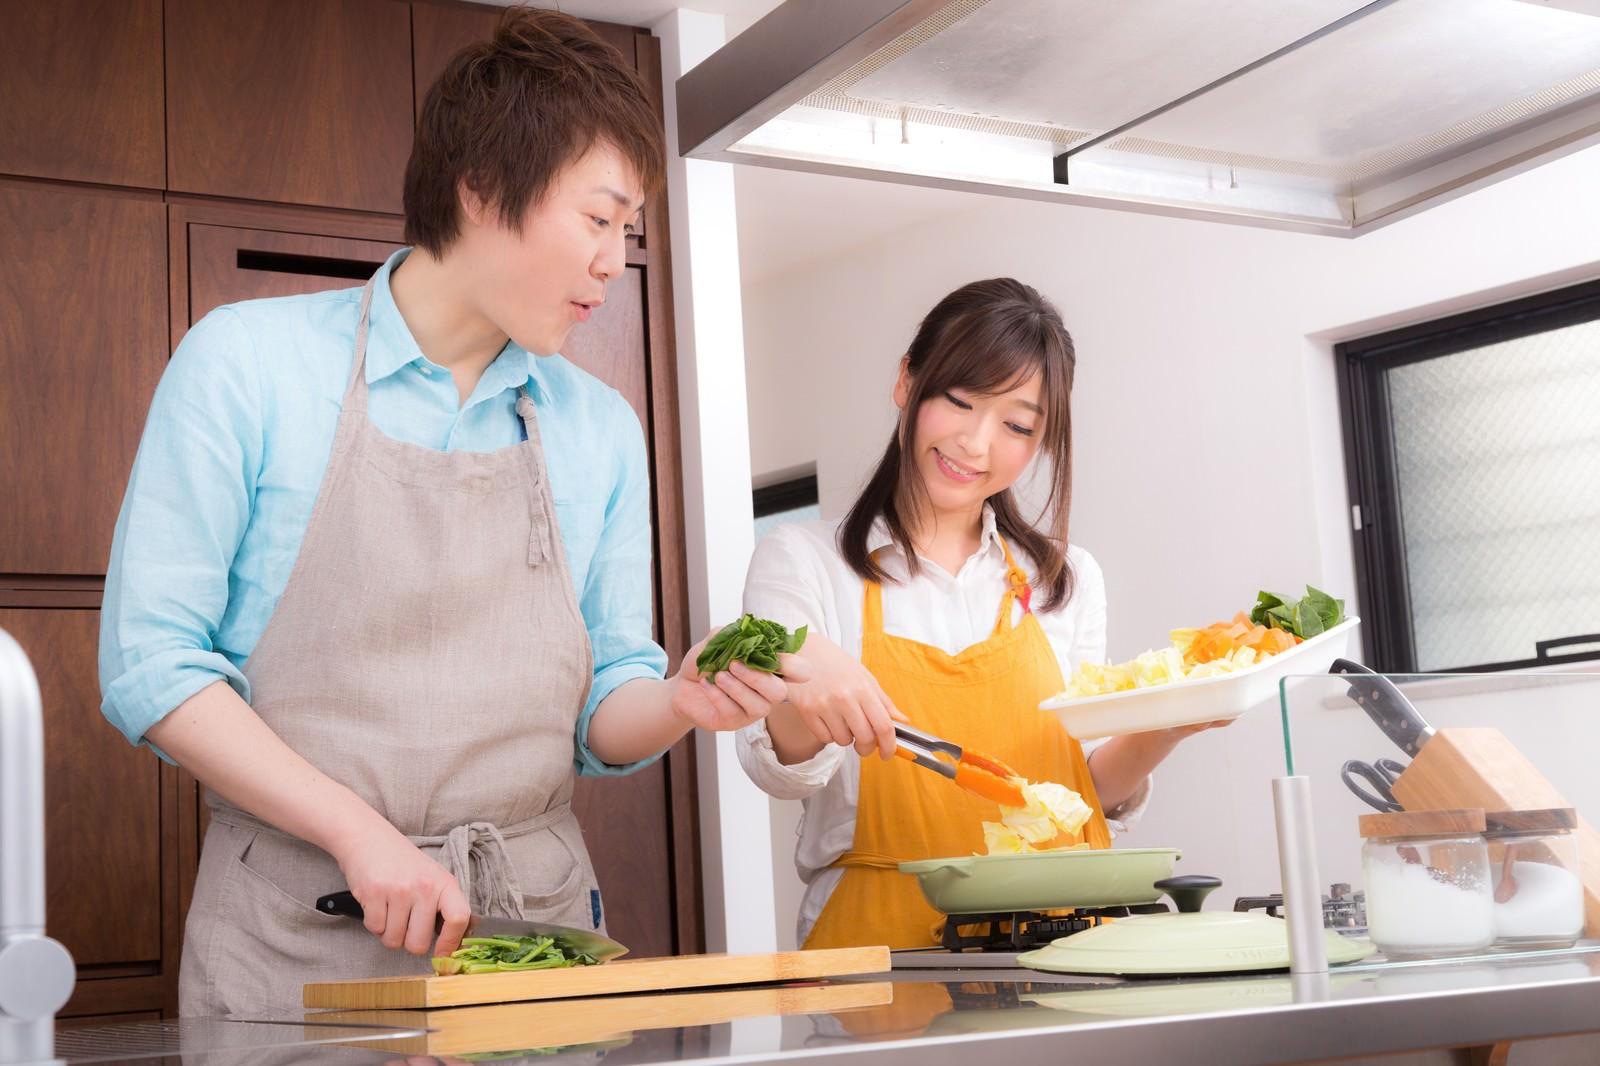 FCFG100122303 TP V cooking together